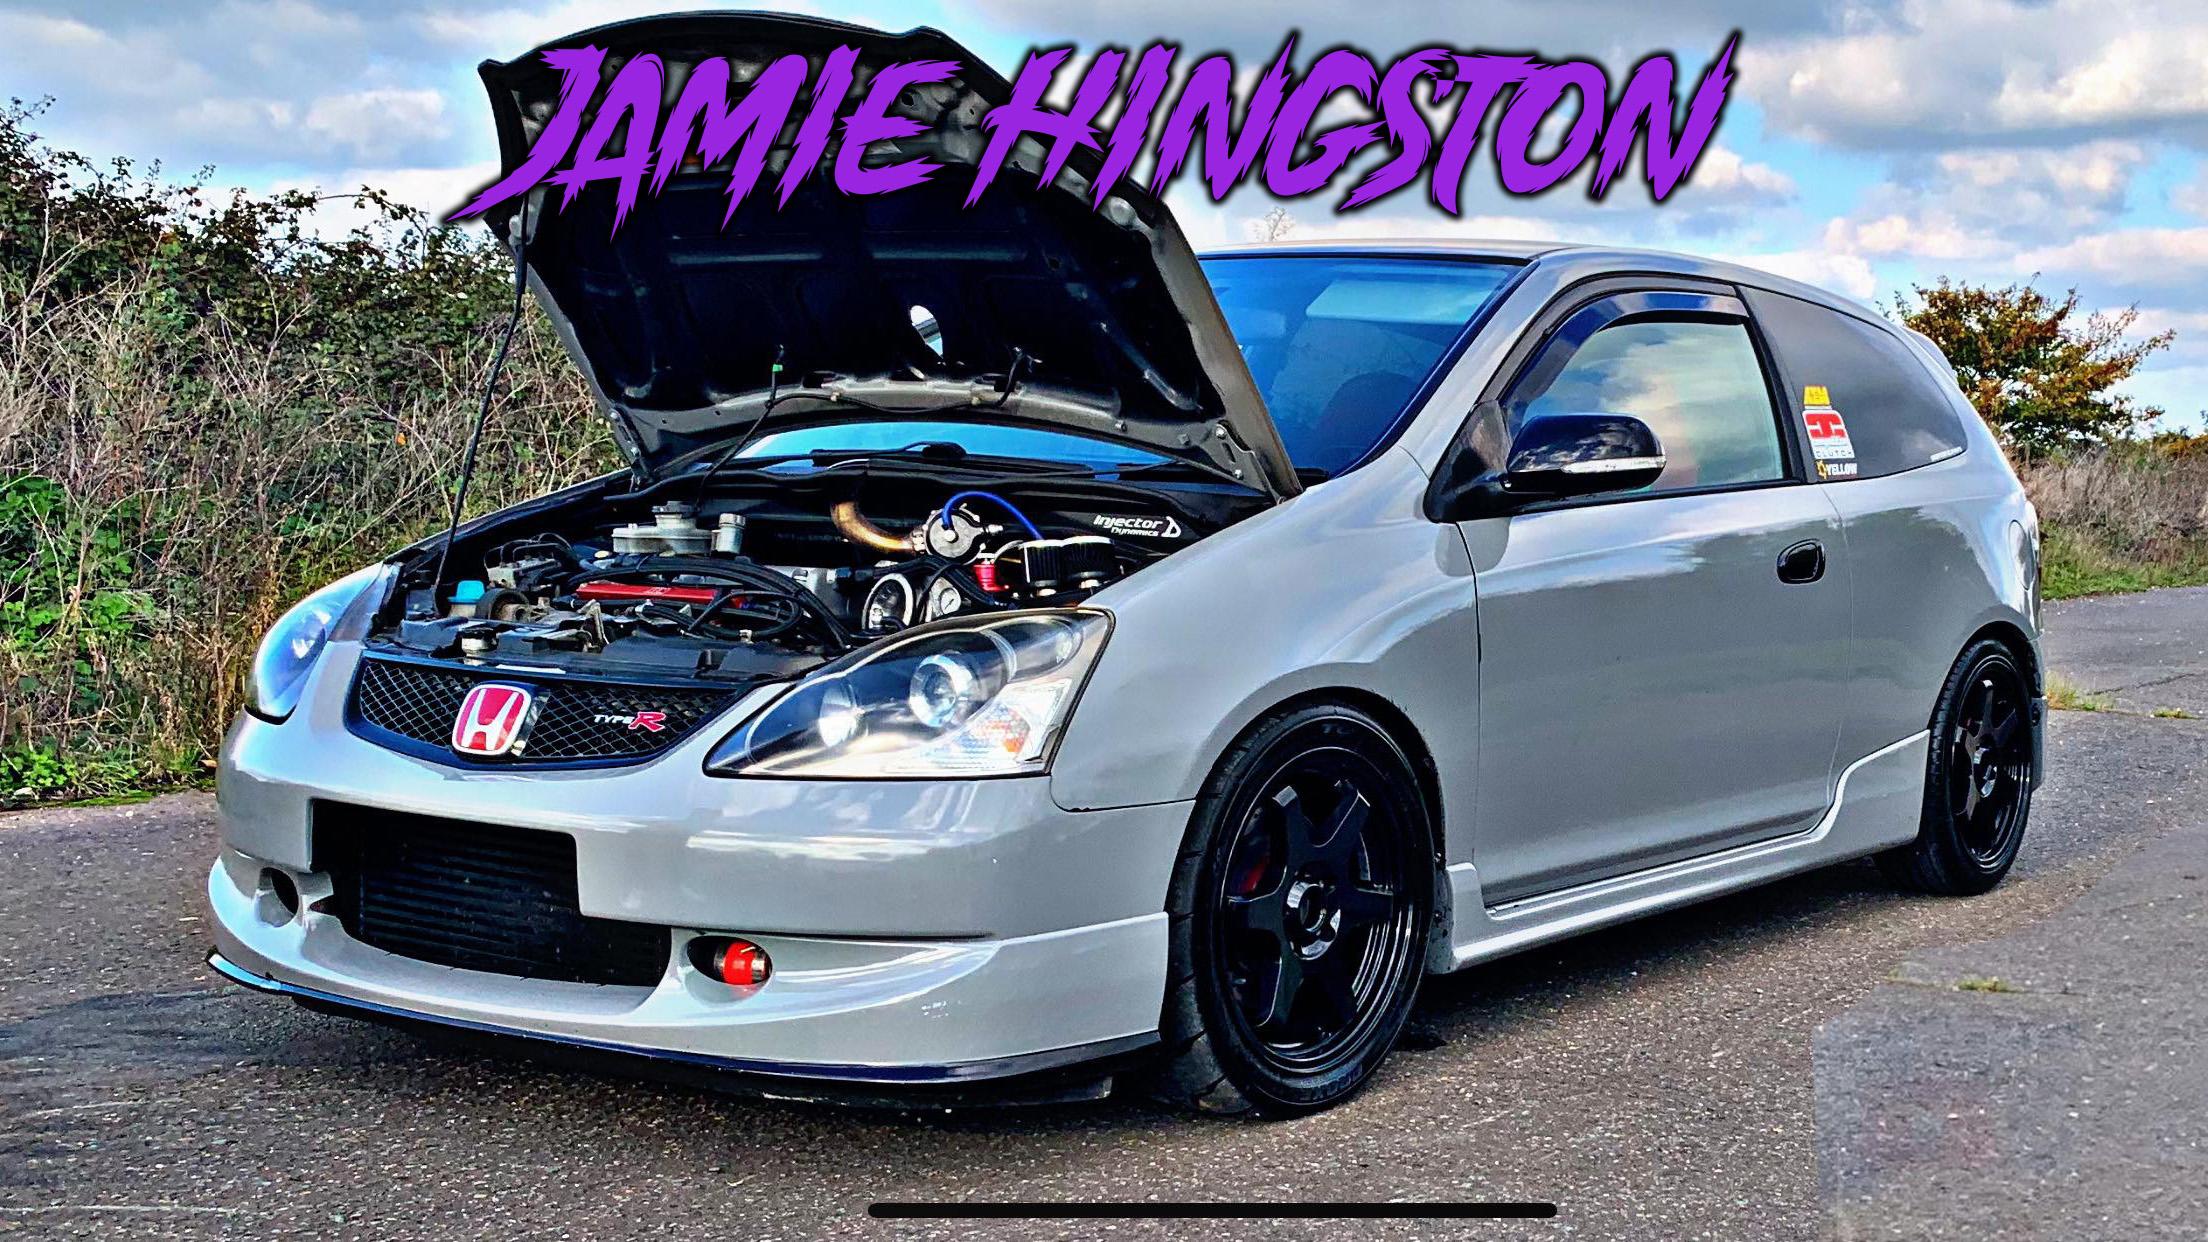 jamie hingston turbo ep3